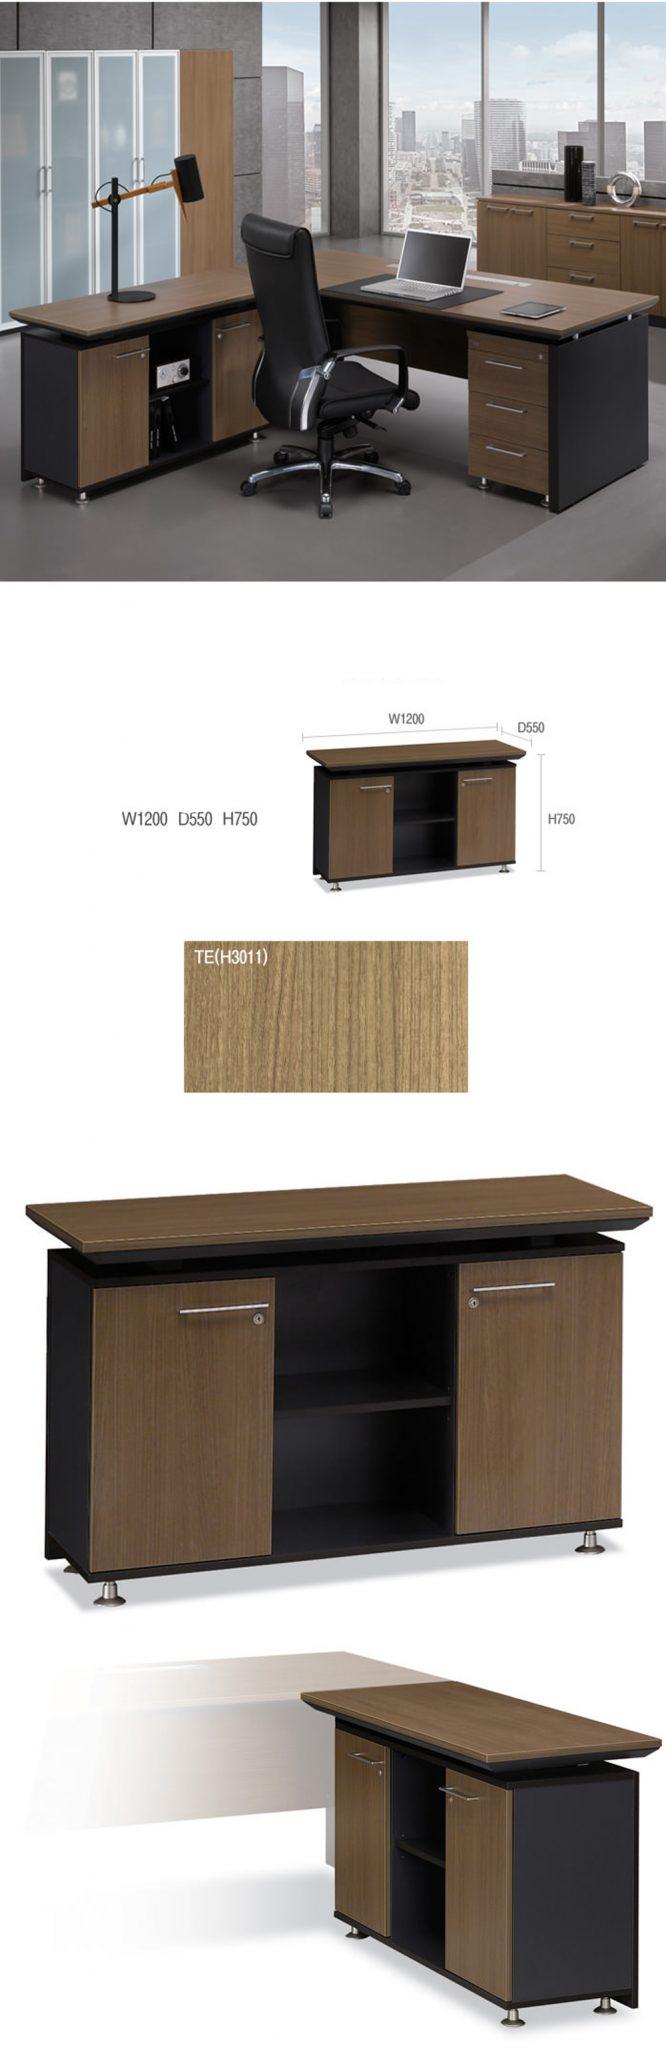 Phù hợp với hầu hết với mọi không gian của công ty và xung quanh với các món đồ nội thất khác.